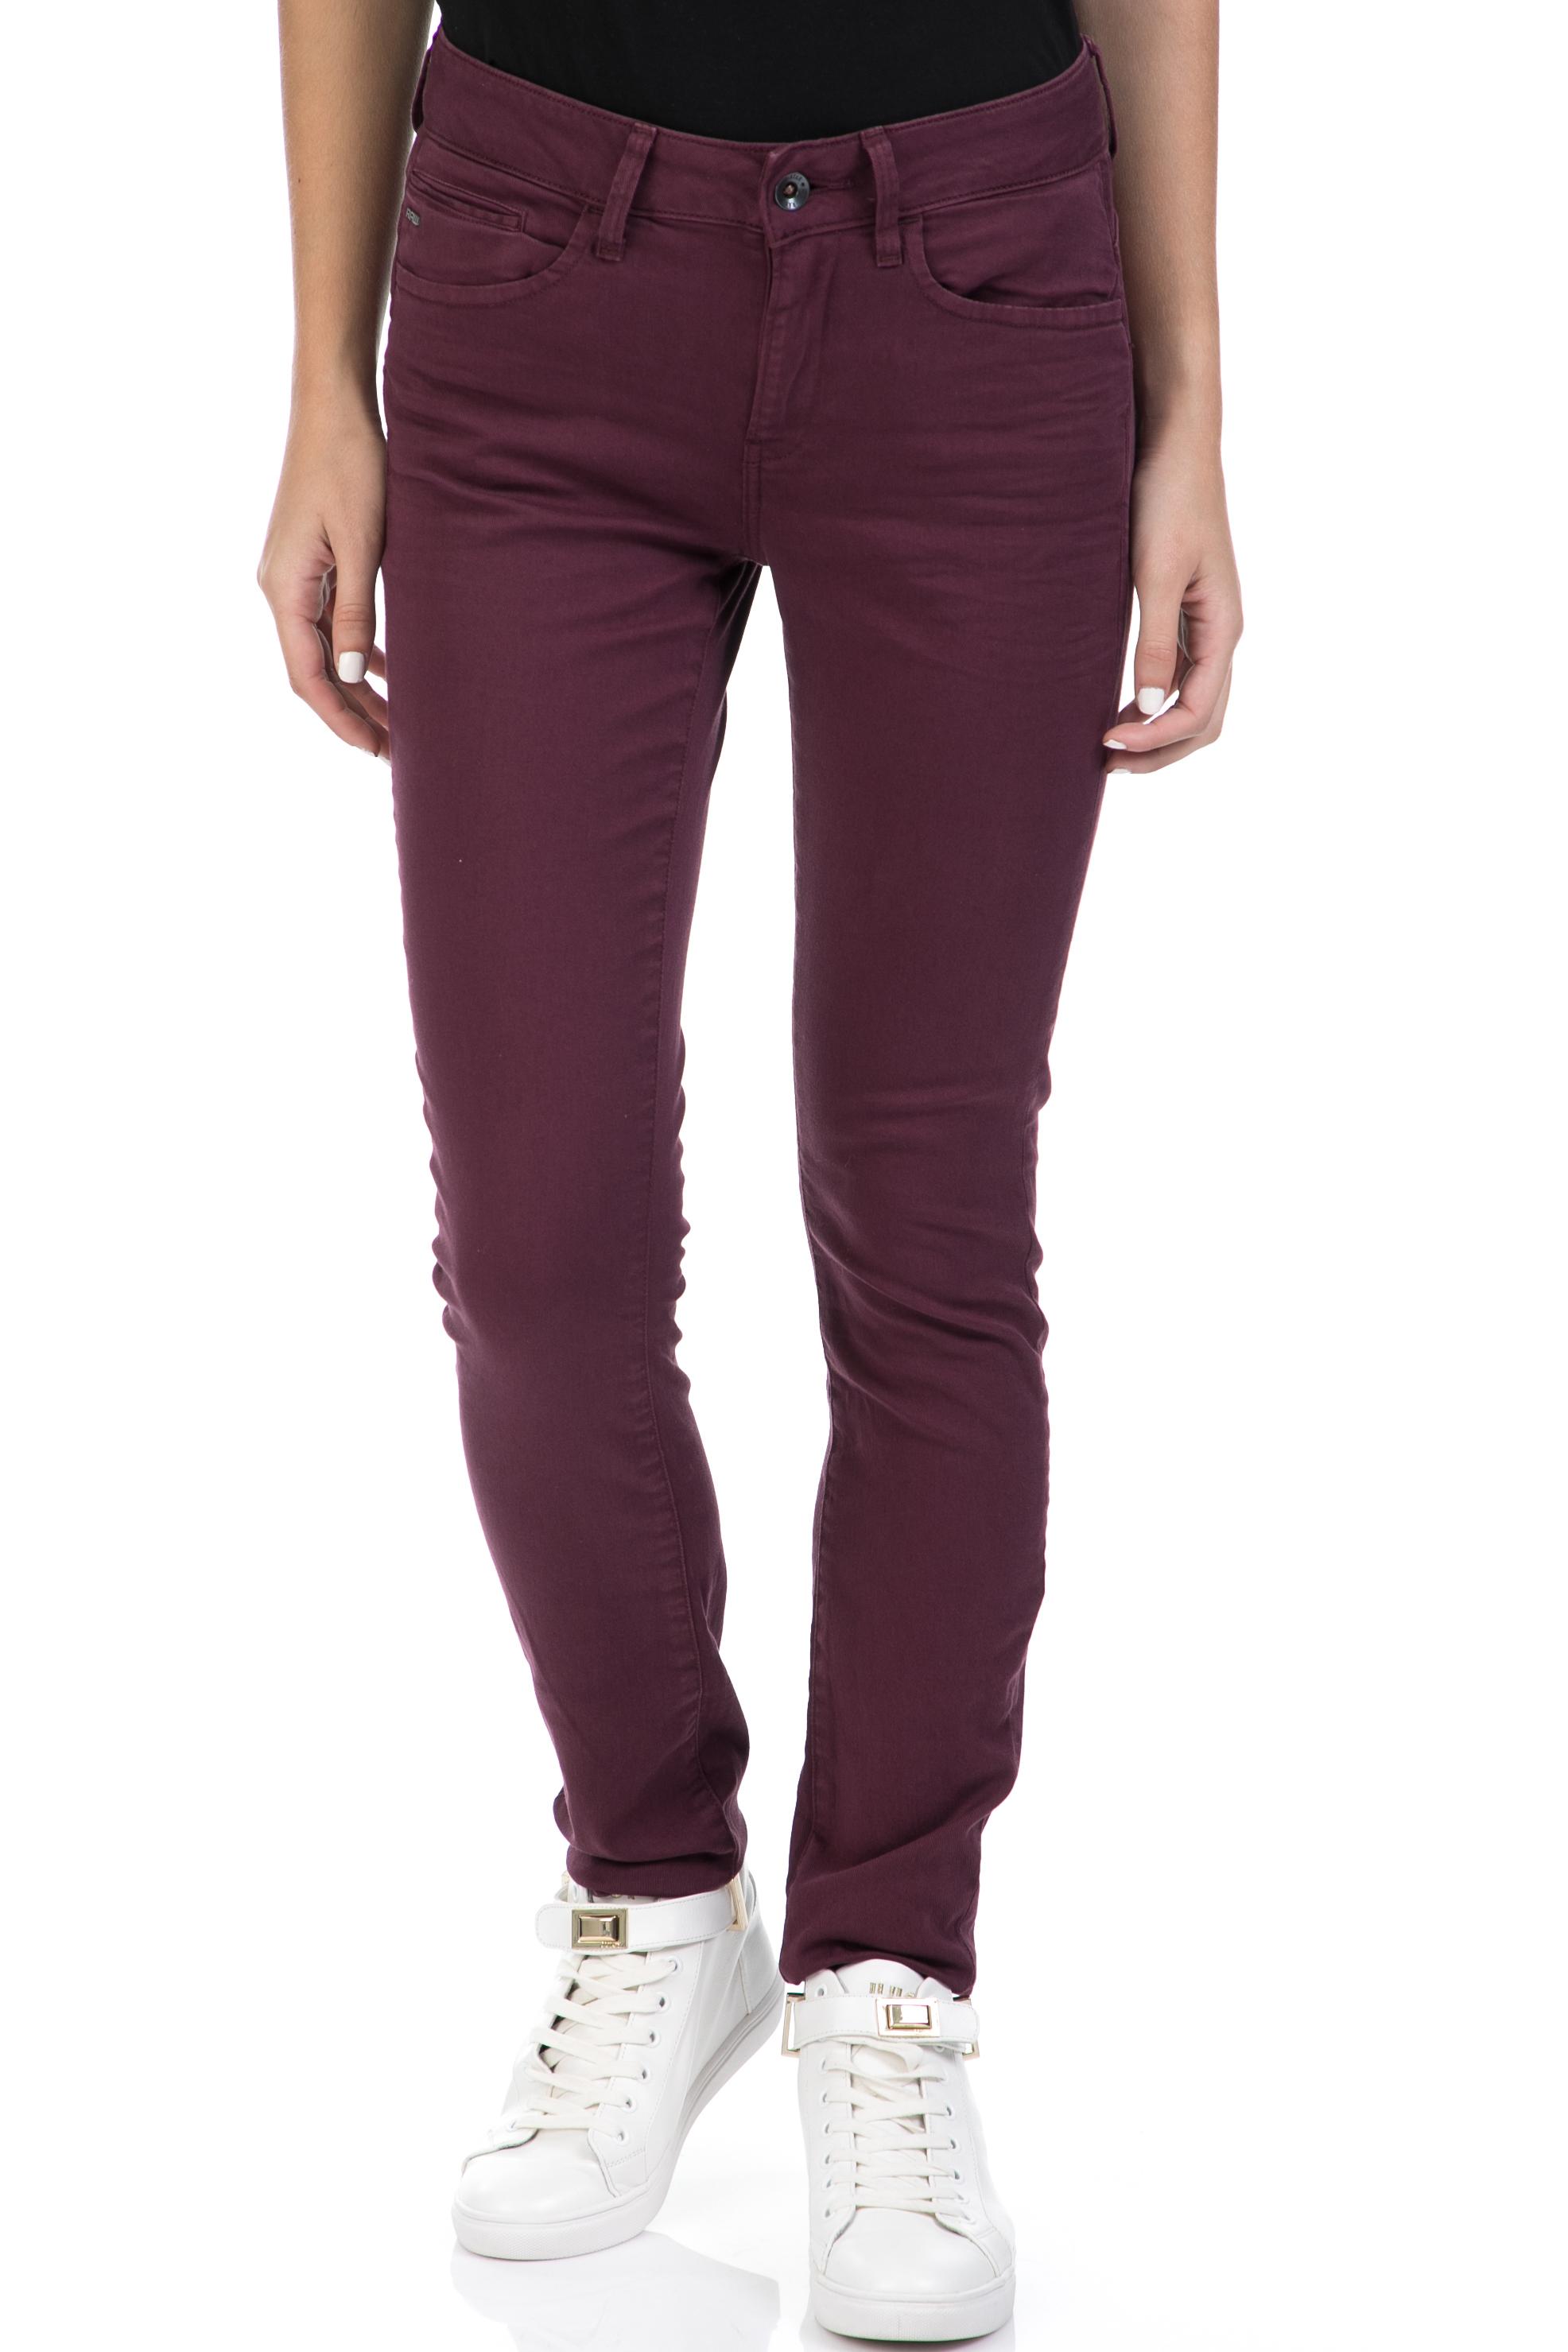 G-STAR RAW - Γυναικείο παντελόνι Midge Zip Mid Skinny G-Star μπορντό γυναικεία ρούχα παντελόνια skinny